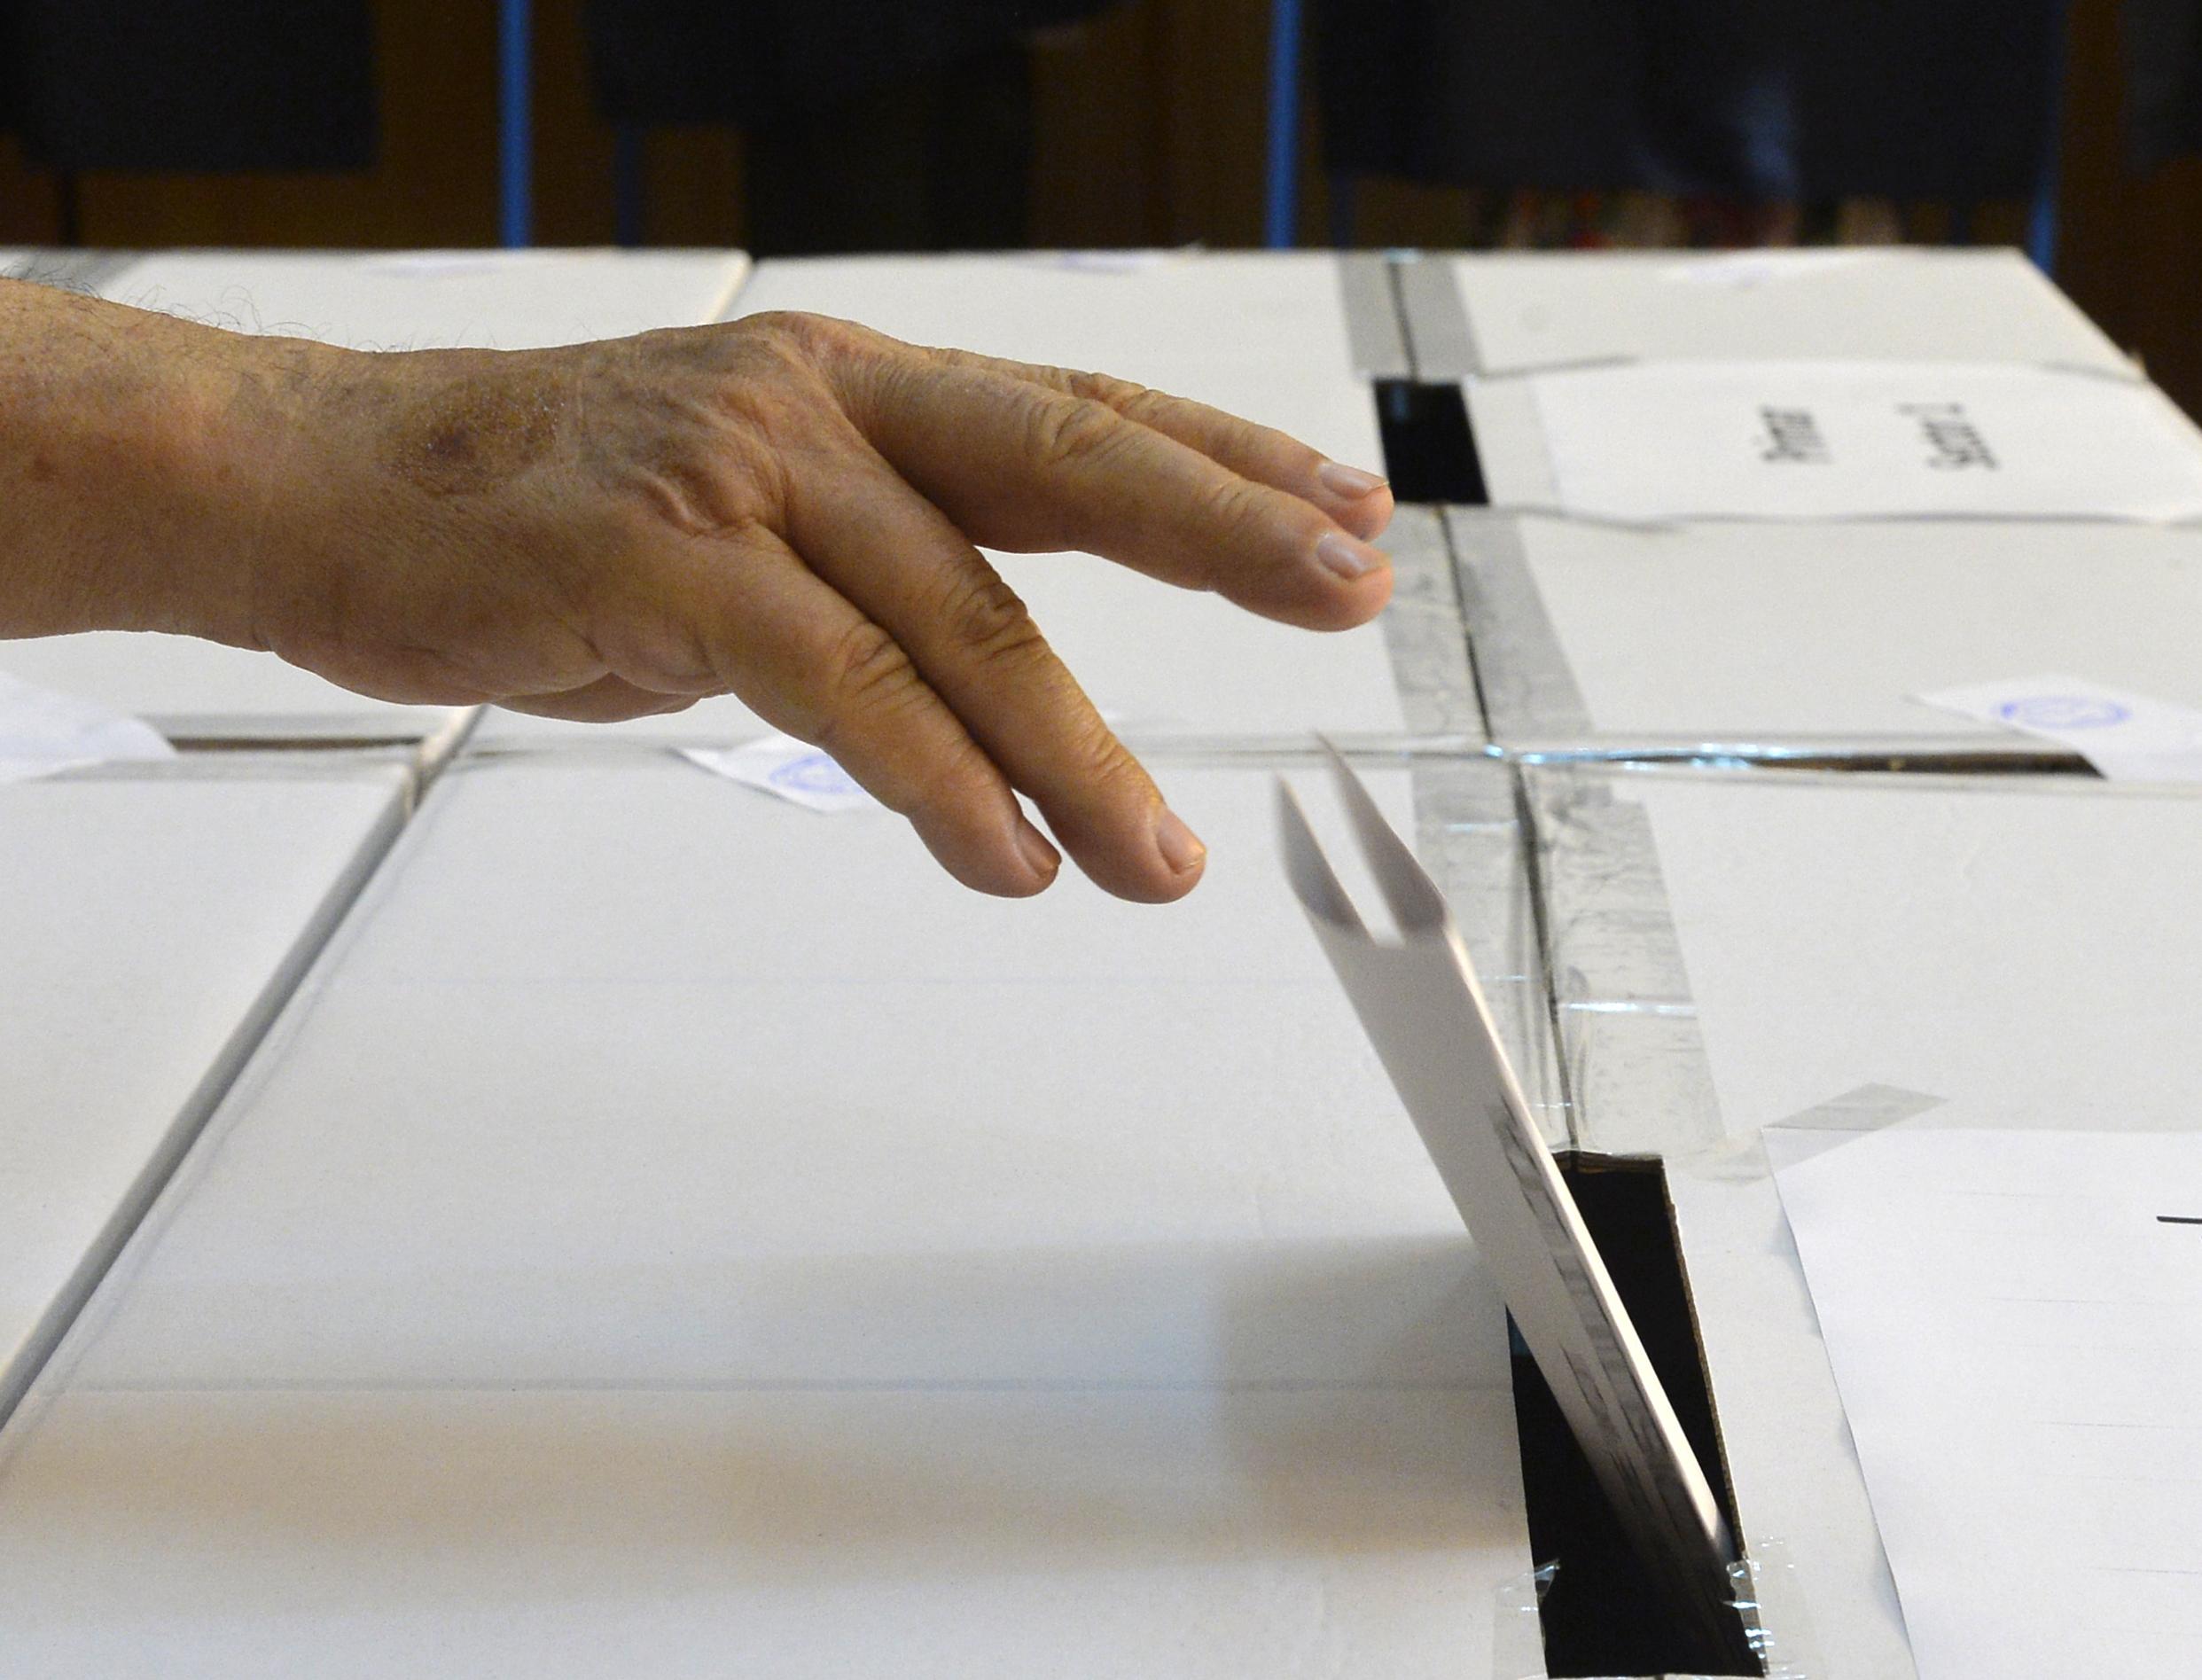 Studenţii cer să poată vota din centrele universitare la alegerile locale, să nu mai meargă acasă